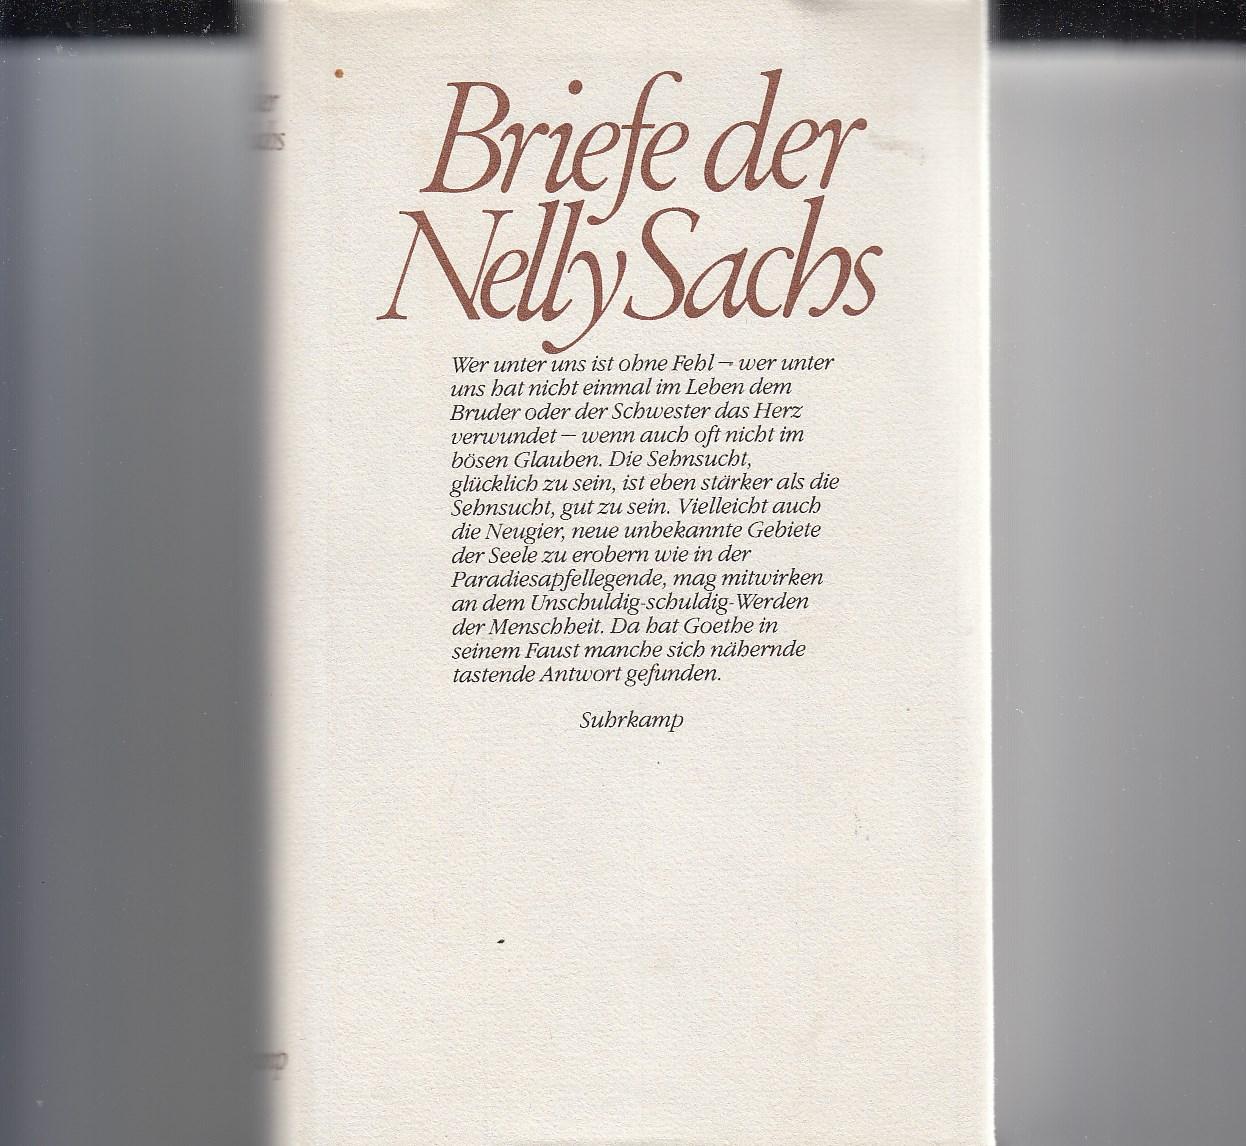 Briefe der Nelly Sachs. Hrsg. von Ruth Dinesen und Helmut Müssener.